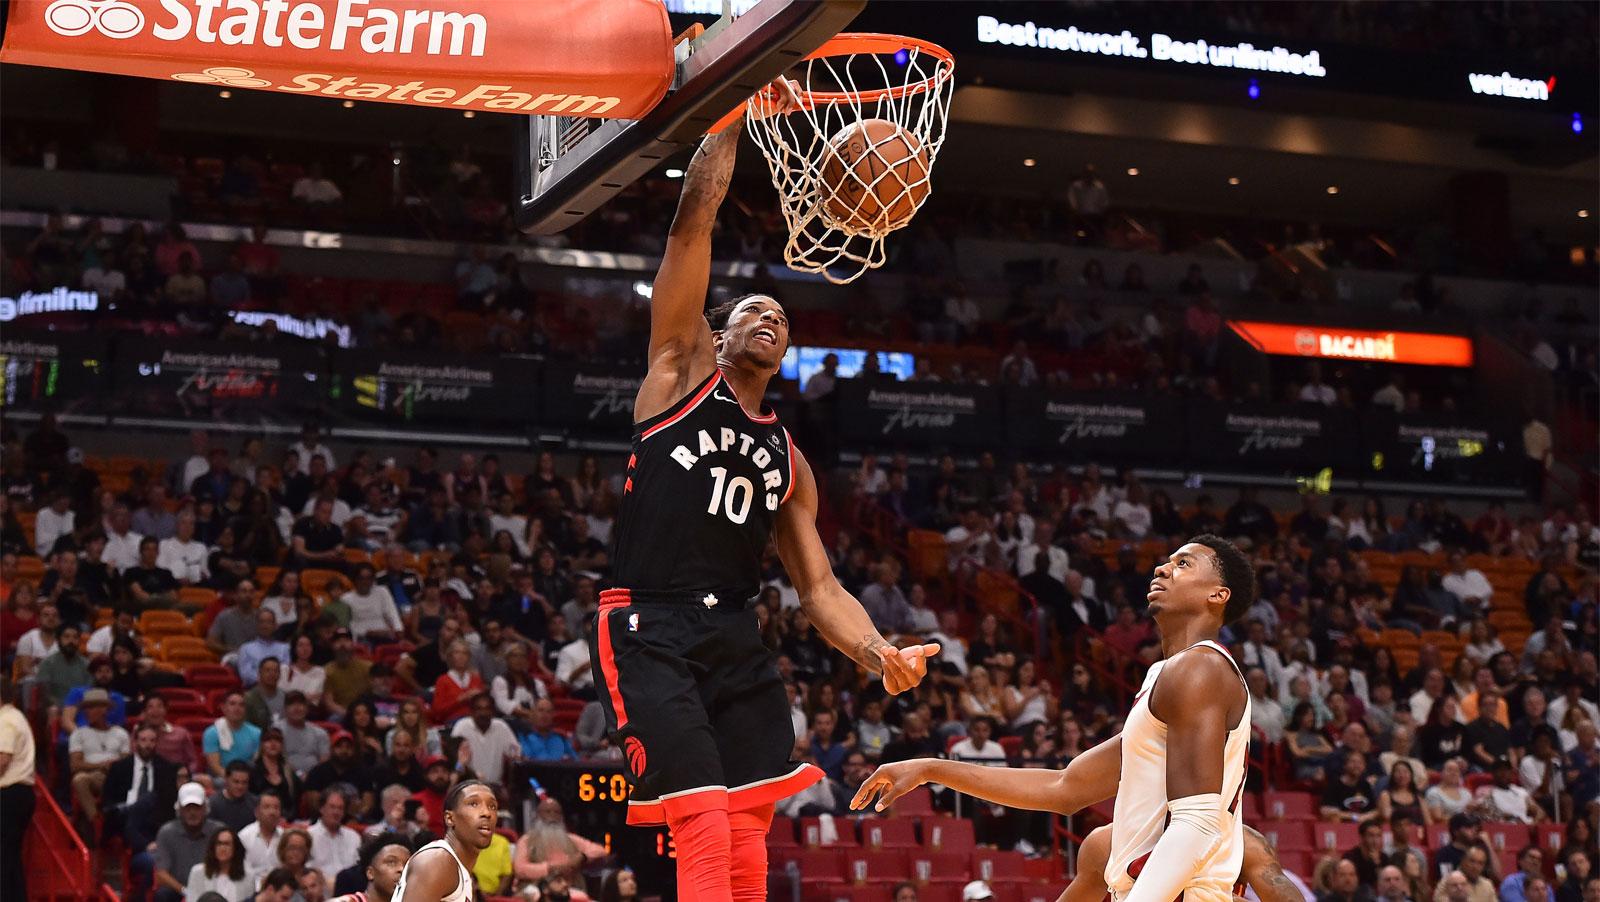 Nba Finals Home Court Advantage 2018 | All Basketball Scores Info